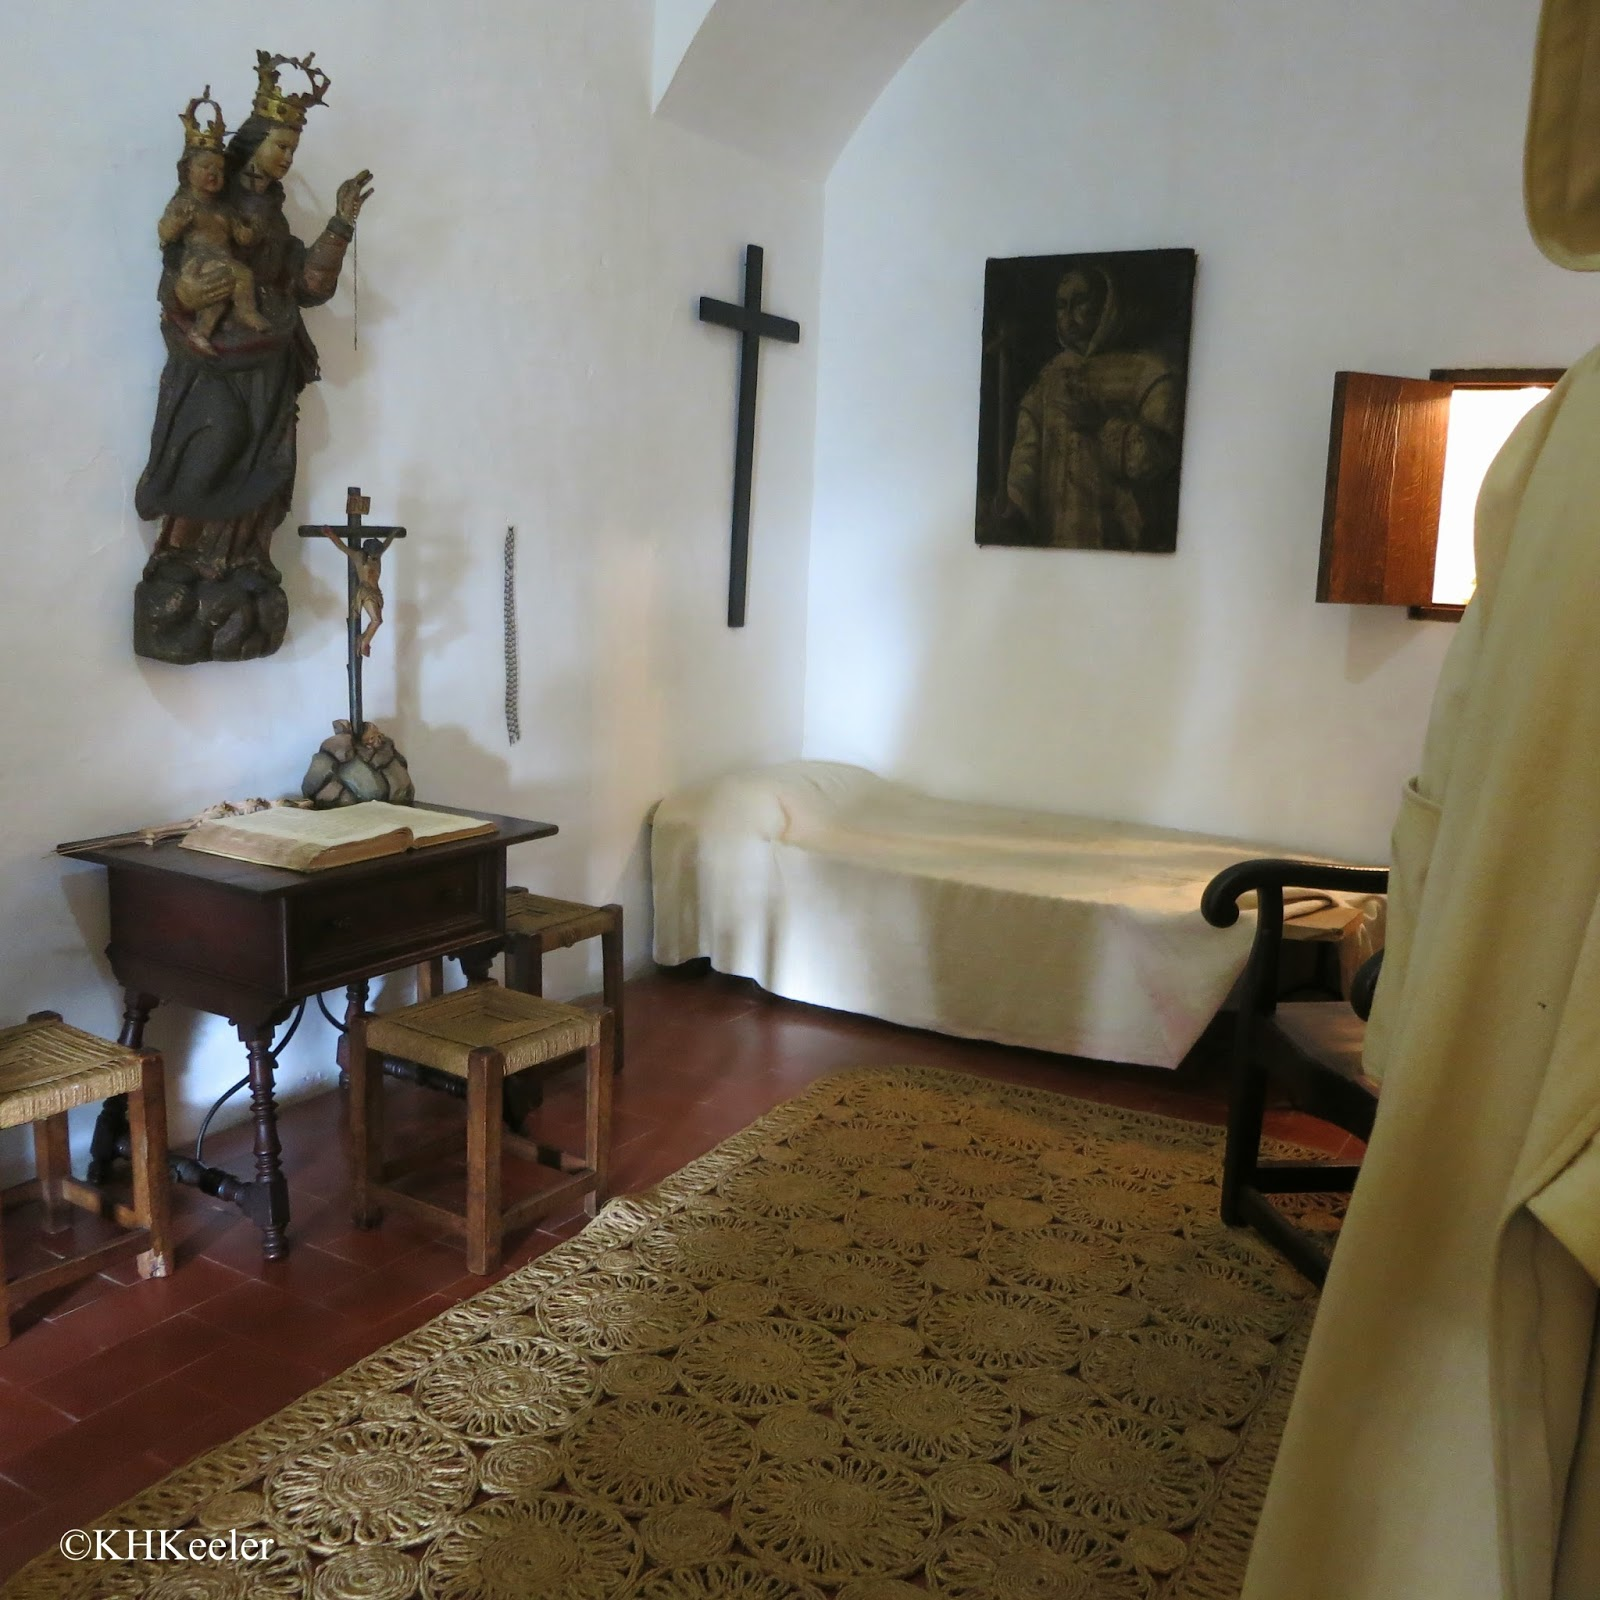 monk's cell, Caruja Real, Valldemossa, Mallorca